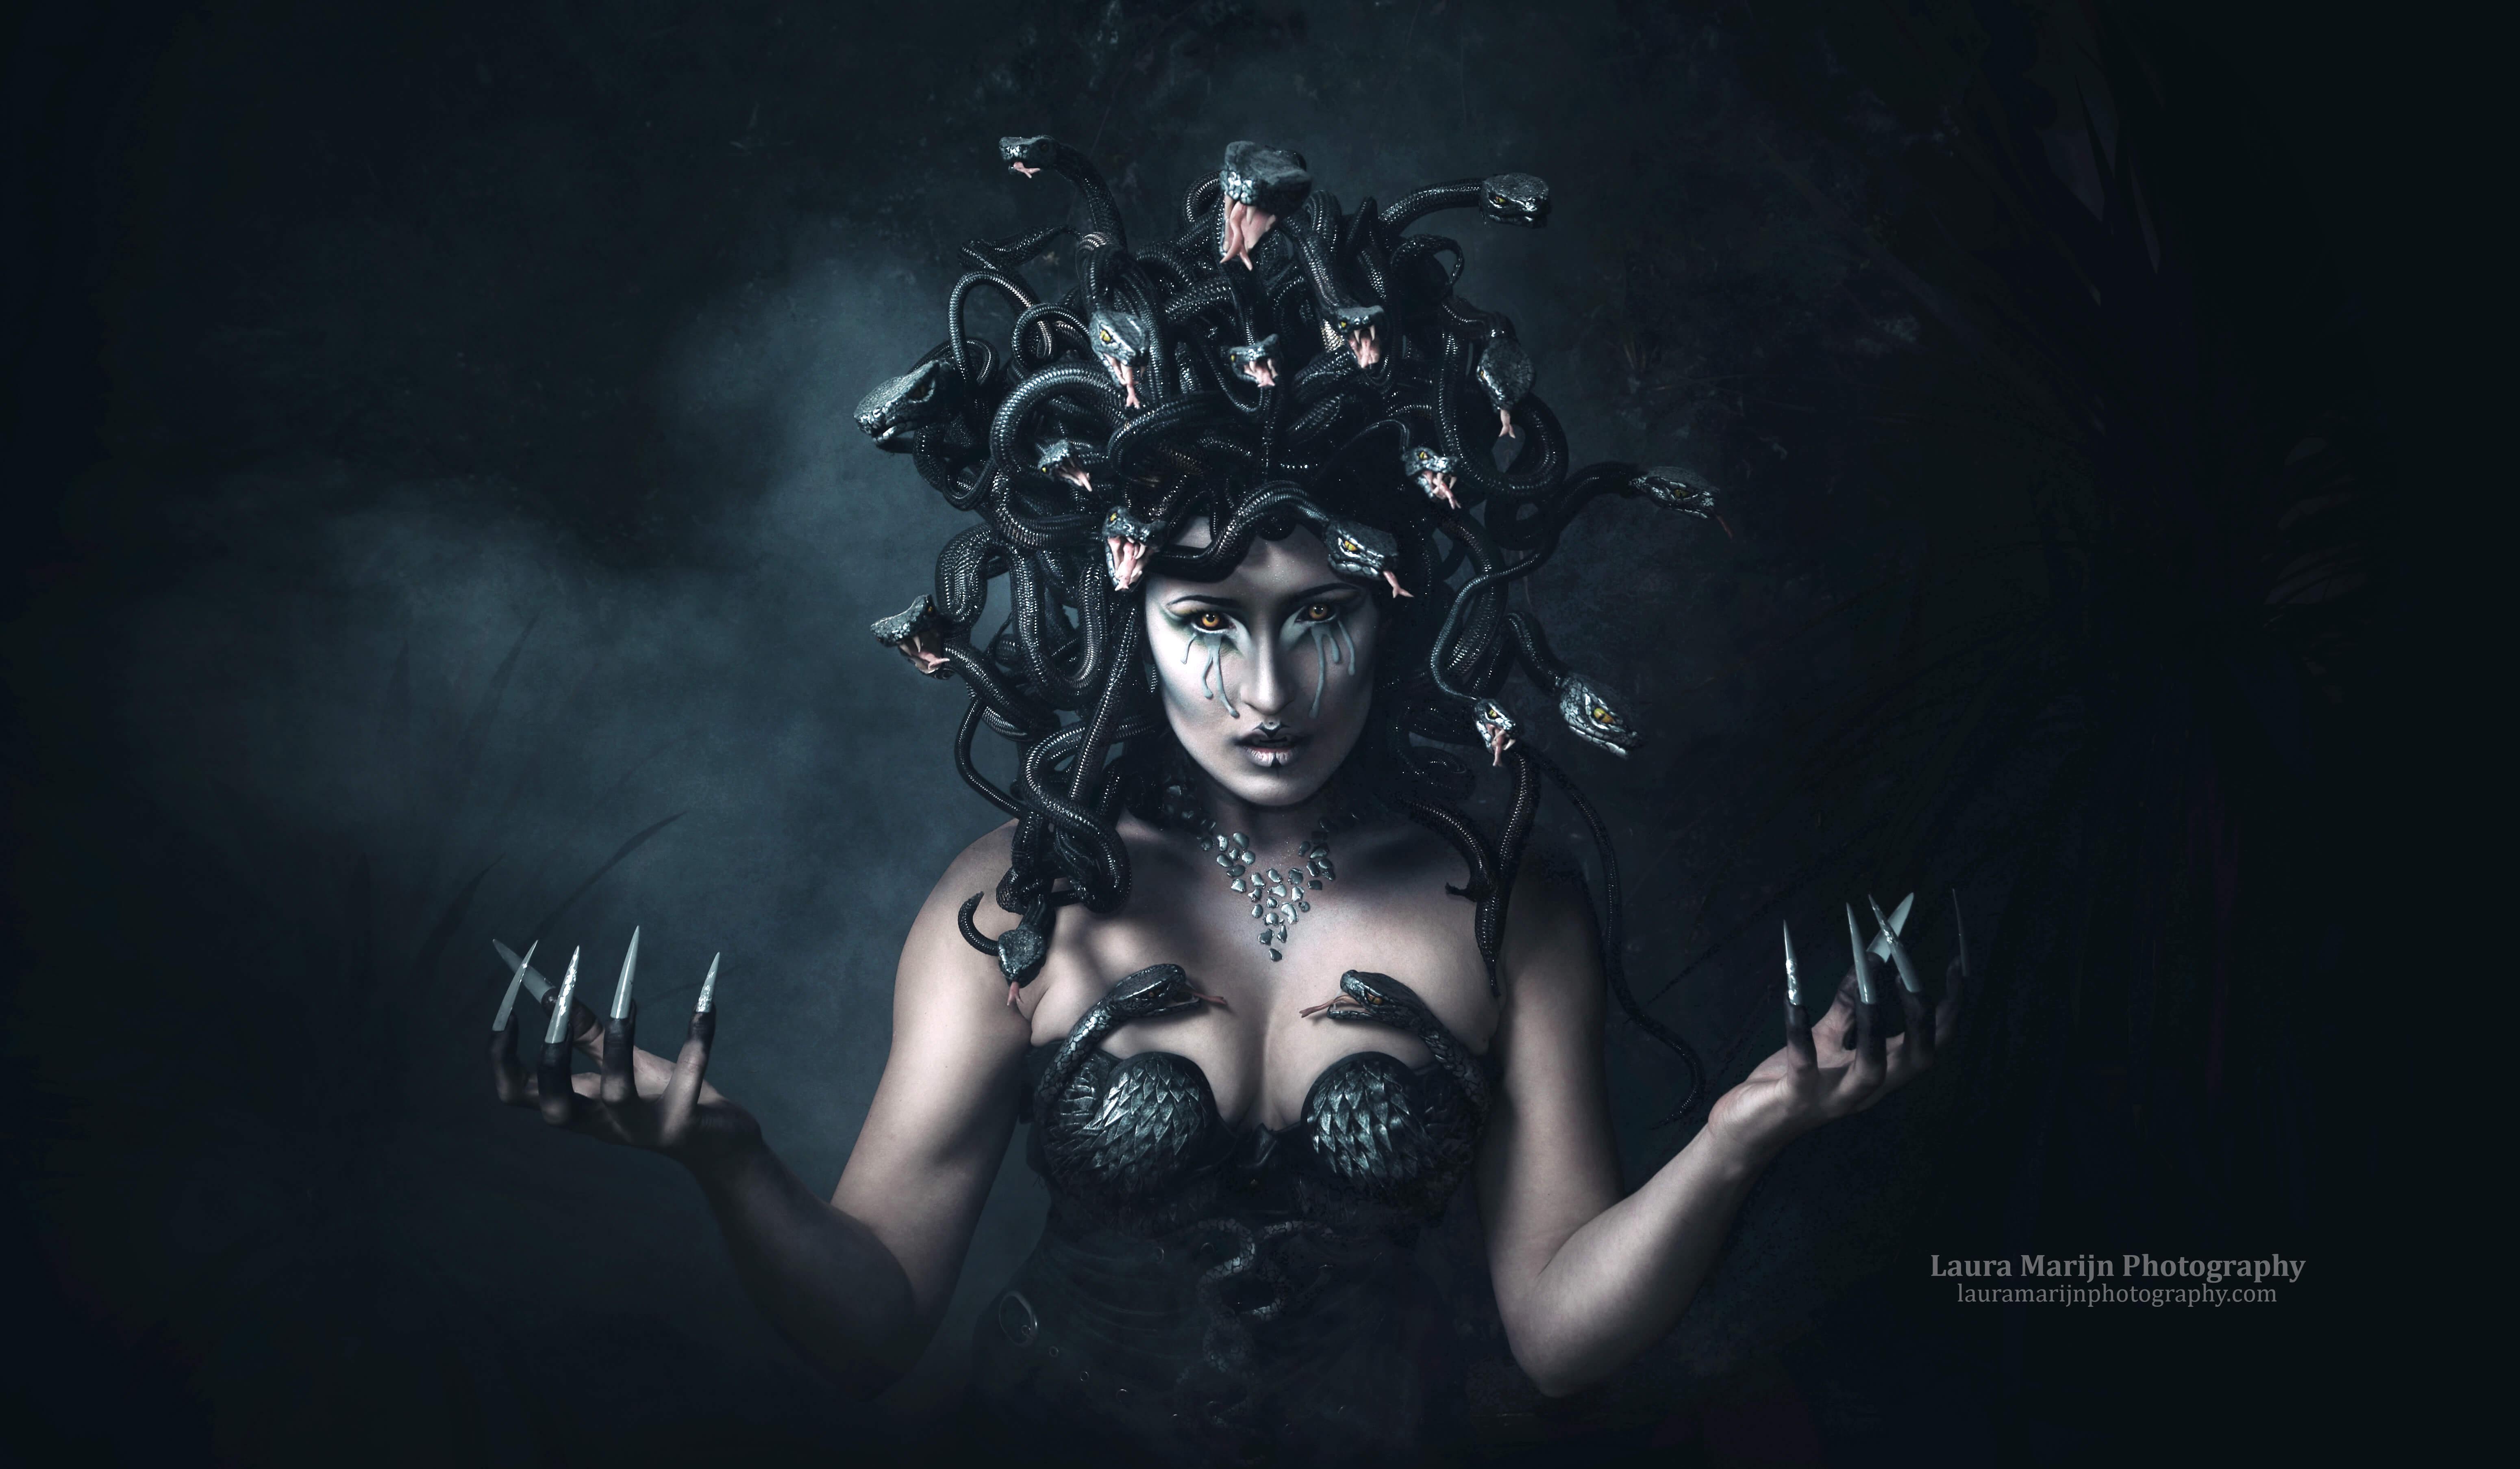 Medusa make-up and headdress by candy makeup artist